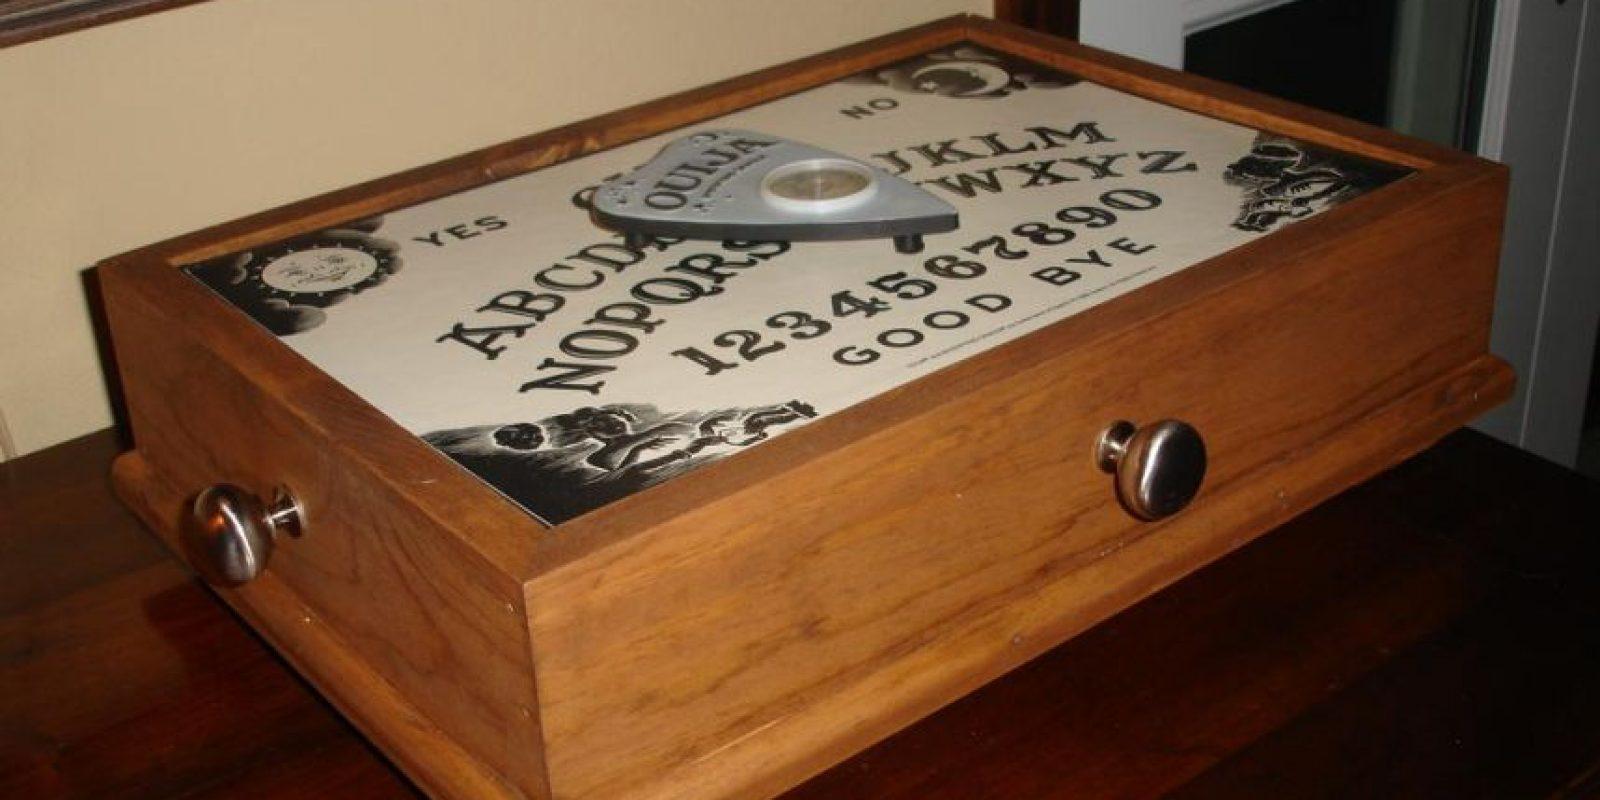 Aunque el tablero fue inventado en el siglo XIX, tiene antecesores en el año 1100 antes de nuestra era. Foto:Wikipedia